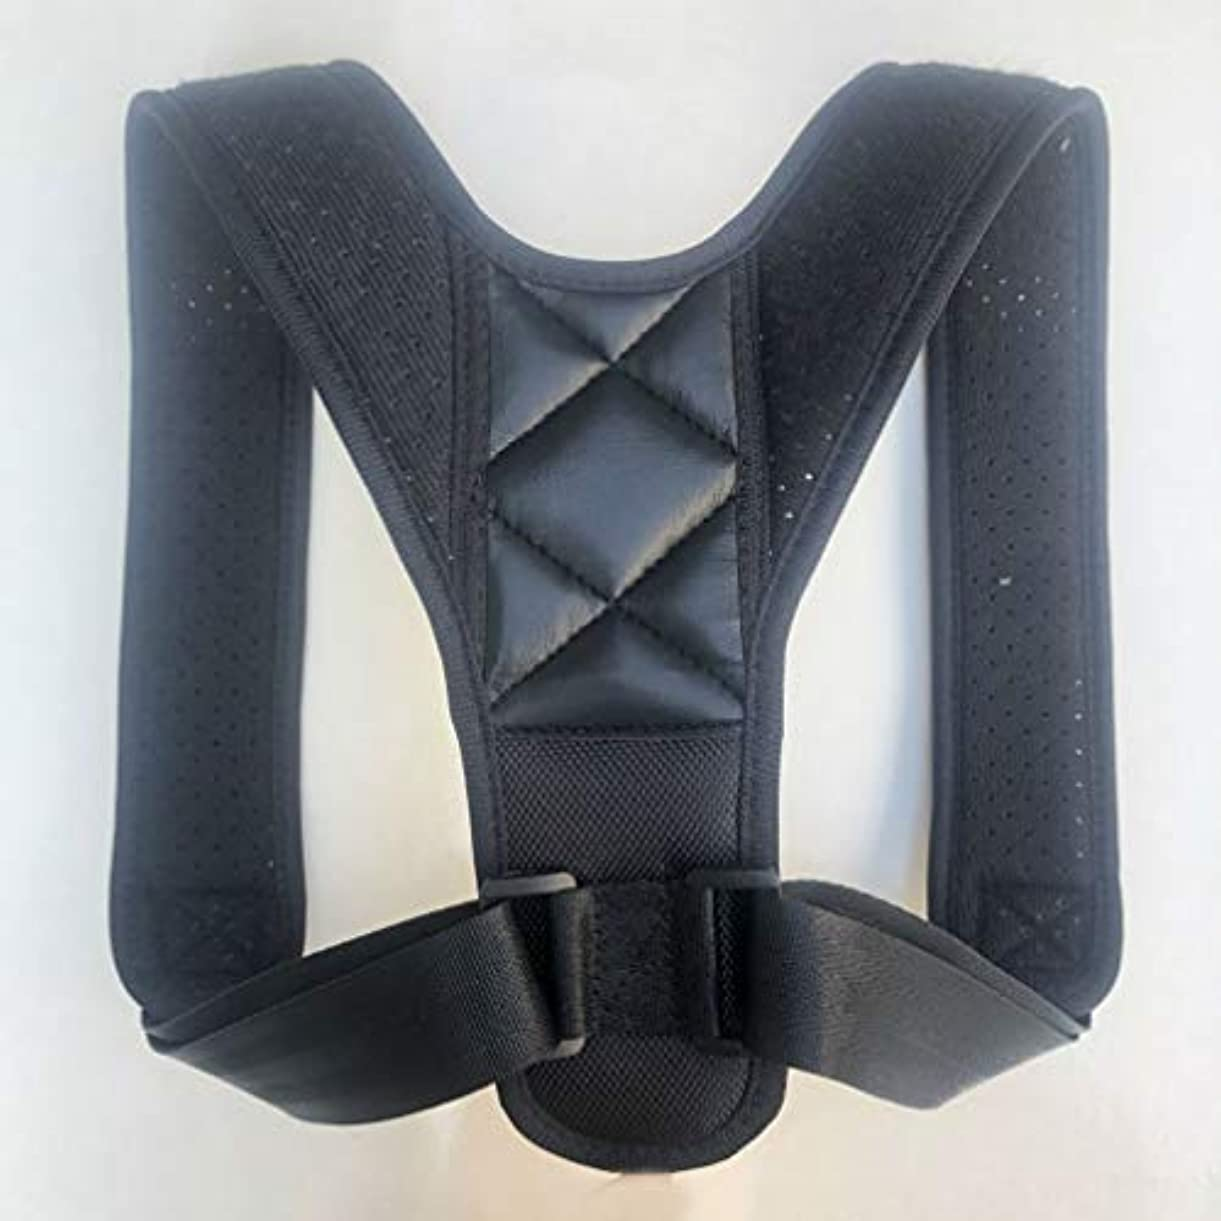 シンジケート十分ゴムUpper Back Posture Corrector Posture Clavicle Support Corrector Back Straight Shoulders Brace Strap Corrector